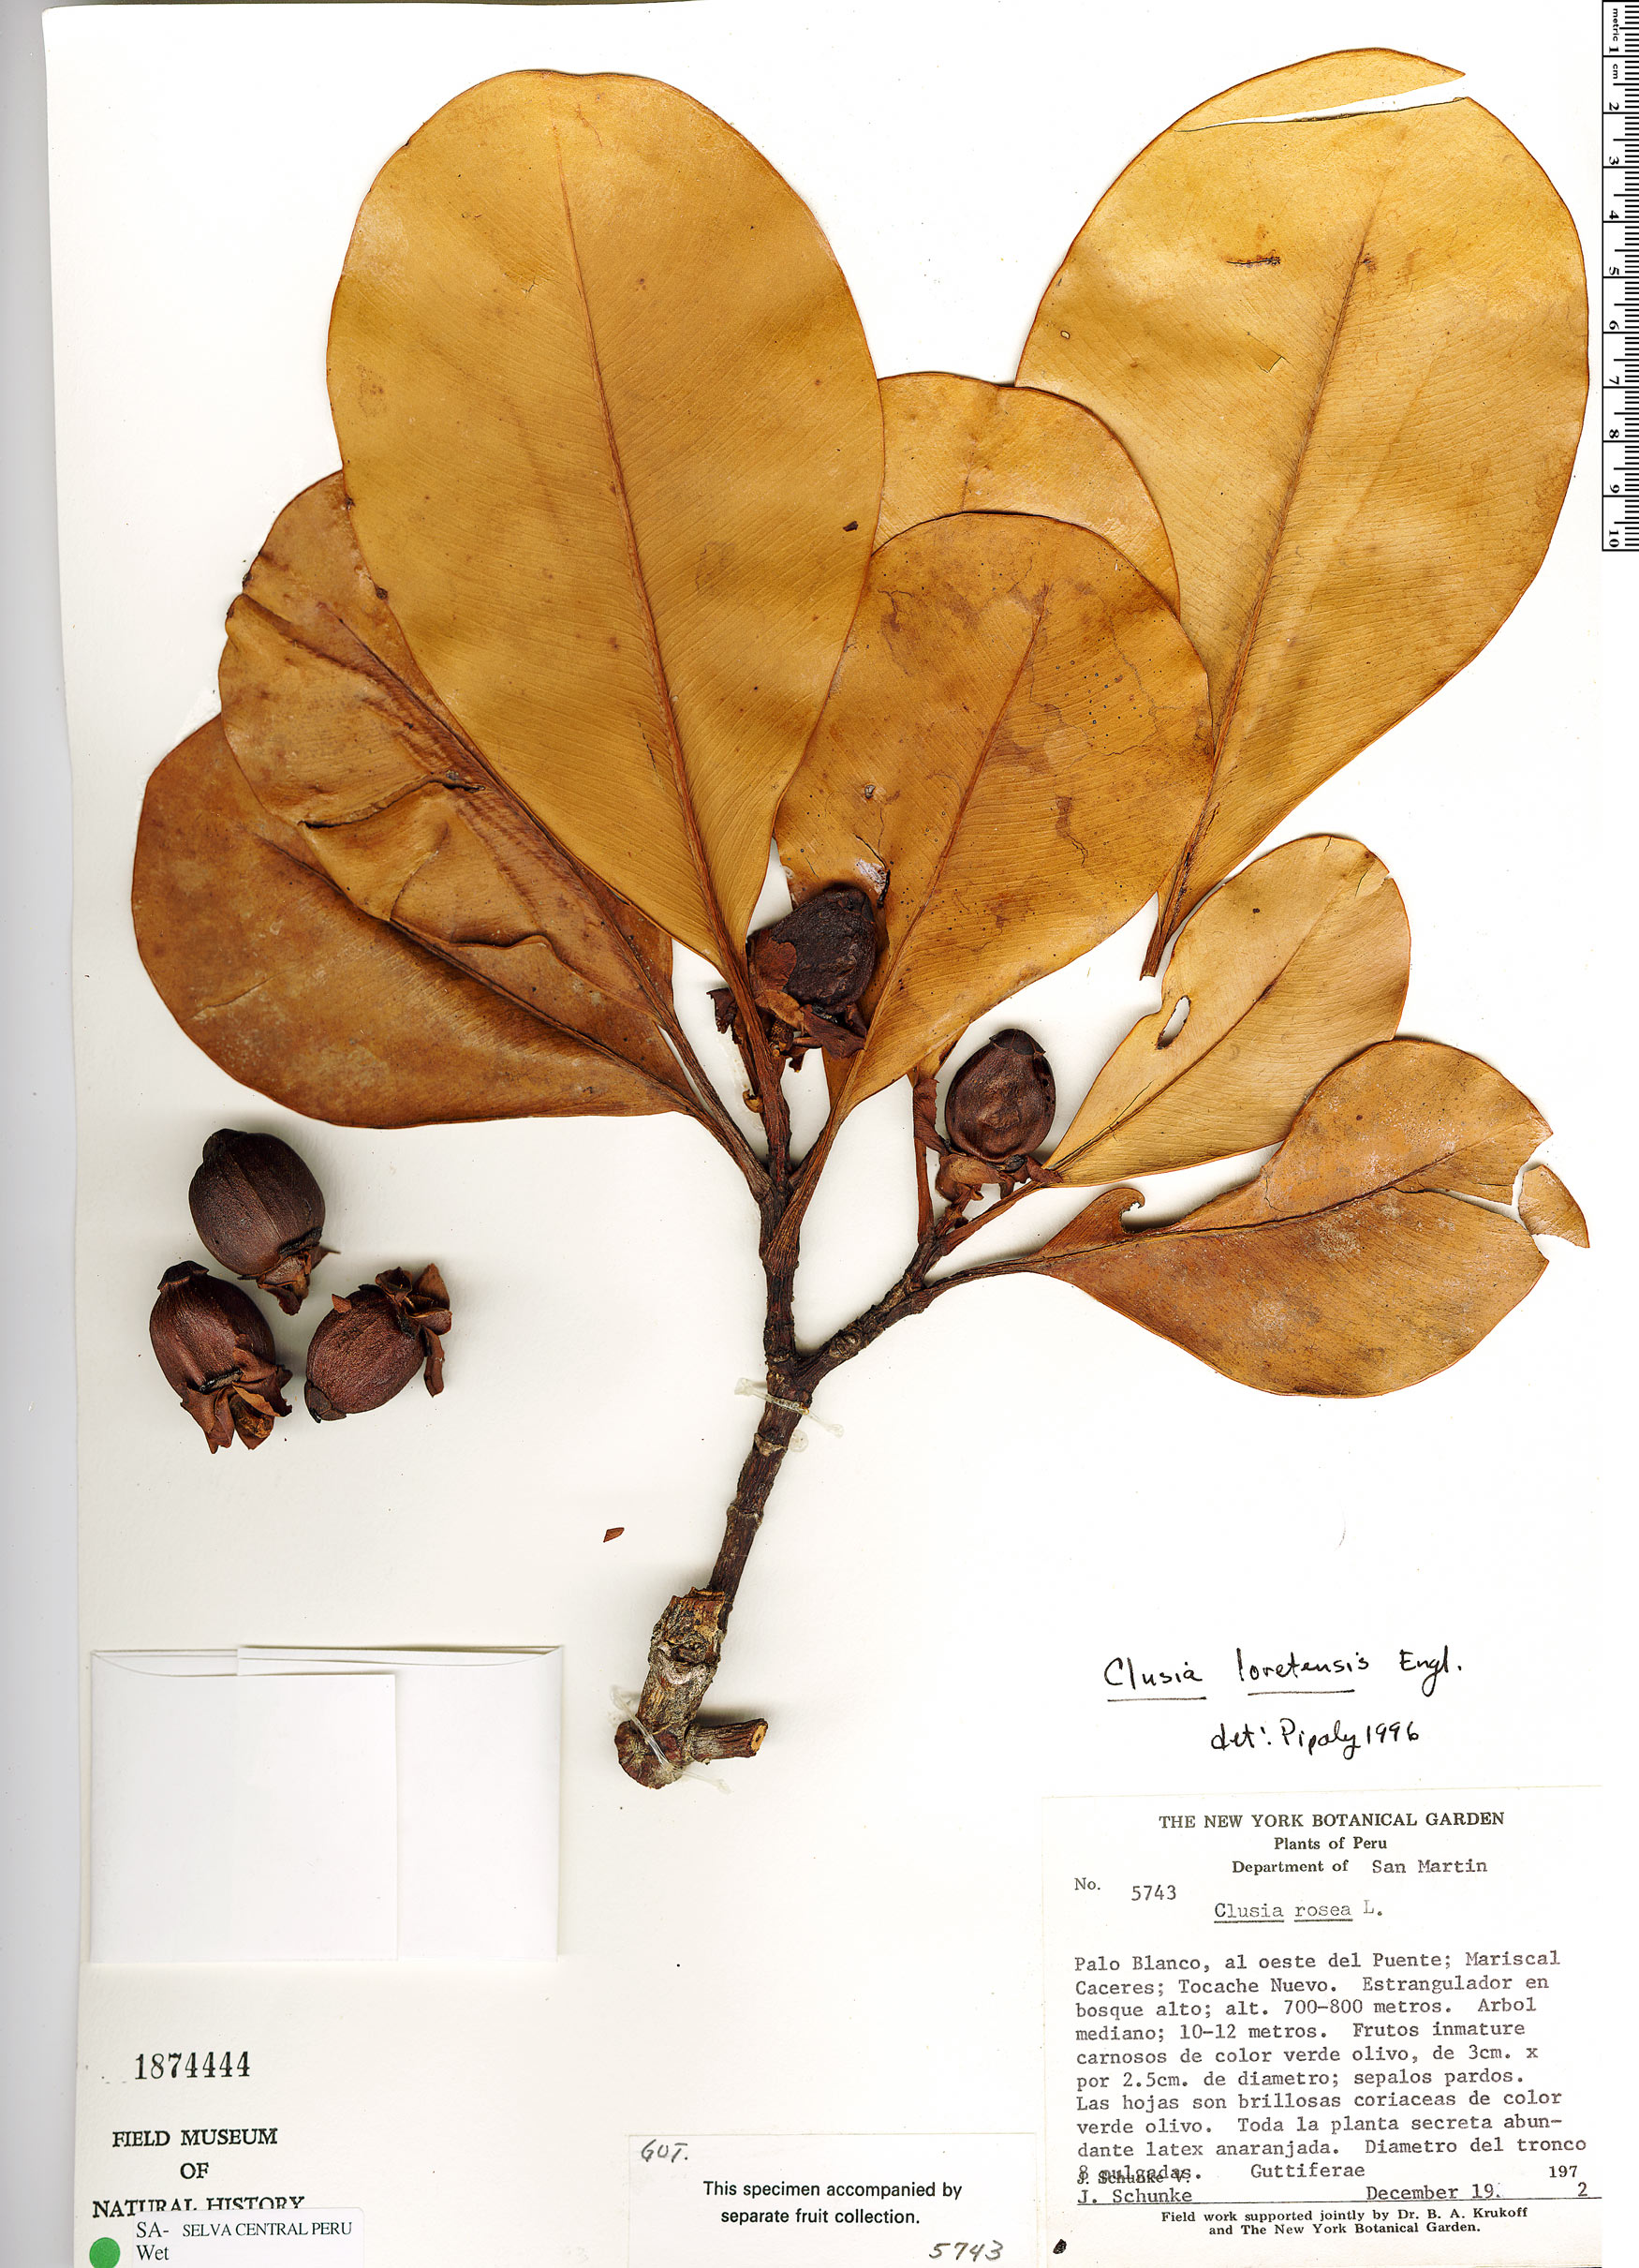 Specimen: Clusia loretensis